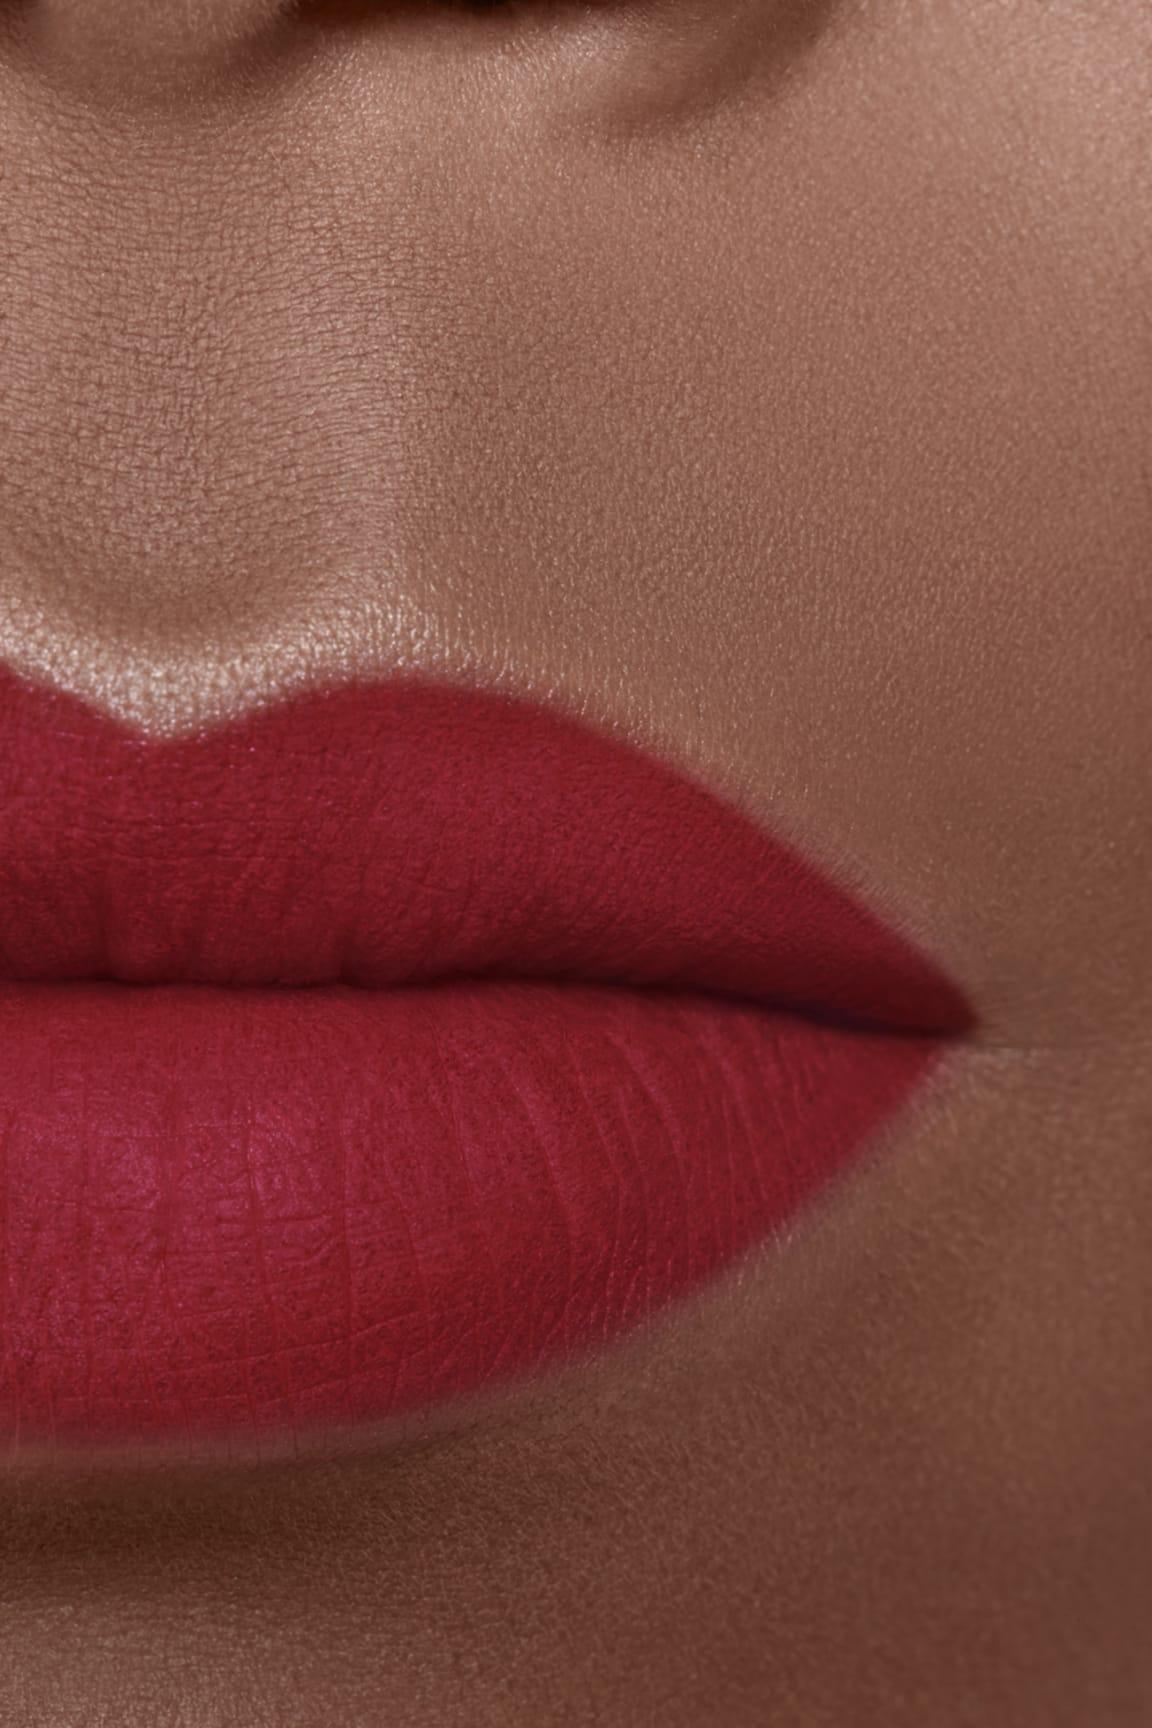 Application makeup visual 2 - ROUGE ALLURE VELVET EXTRÊME 136 - PIVOINE NOIRE